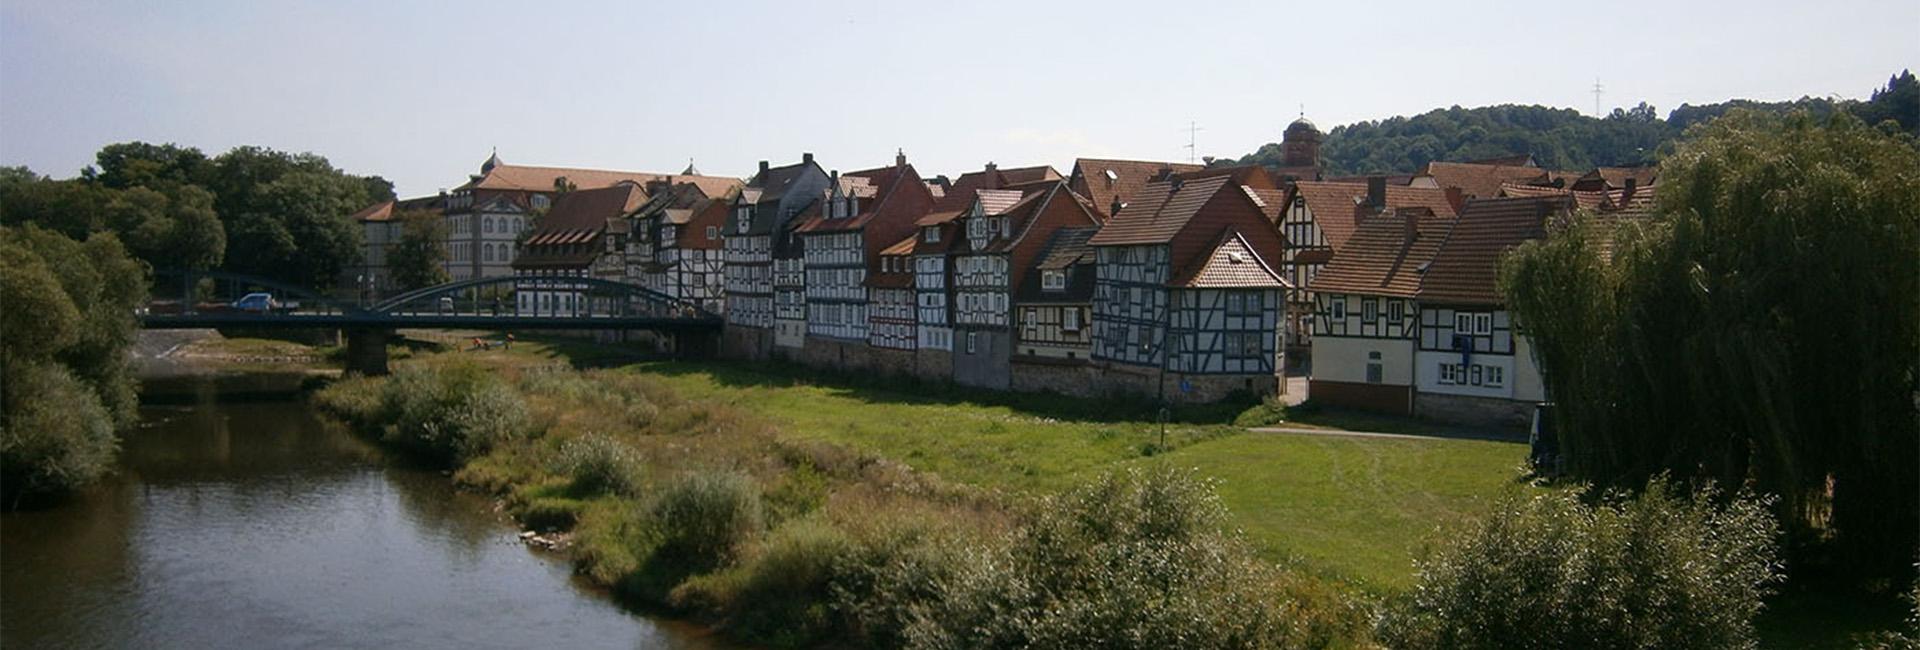 """Rejse til """"Rødhætteland"""" i det hessiske bjerglandskab i Tyskland, 5-dagstur"""